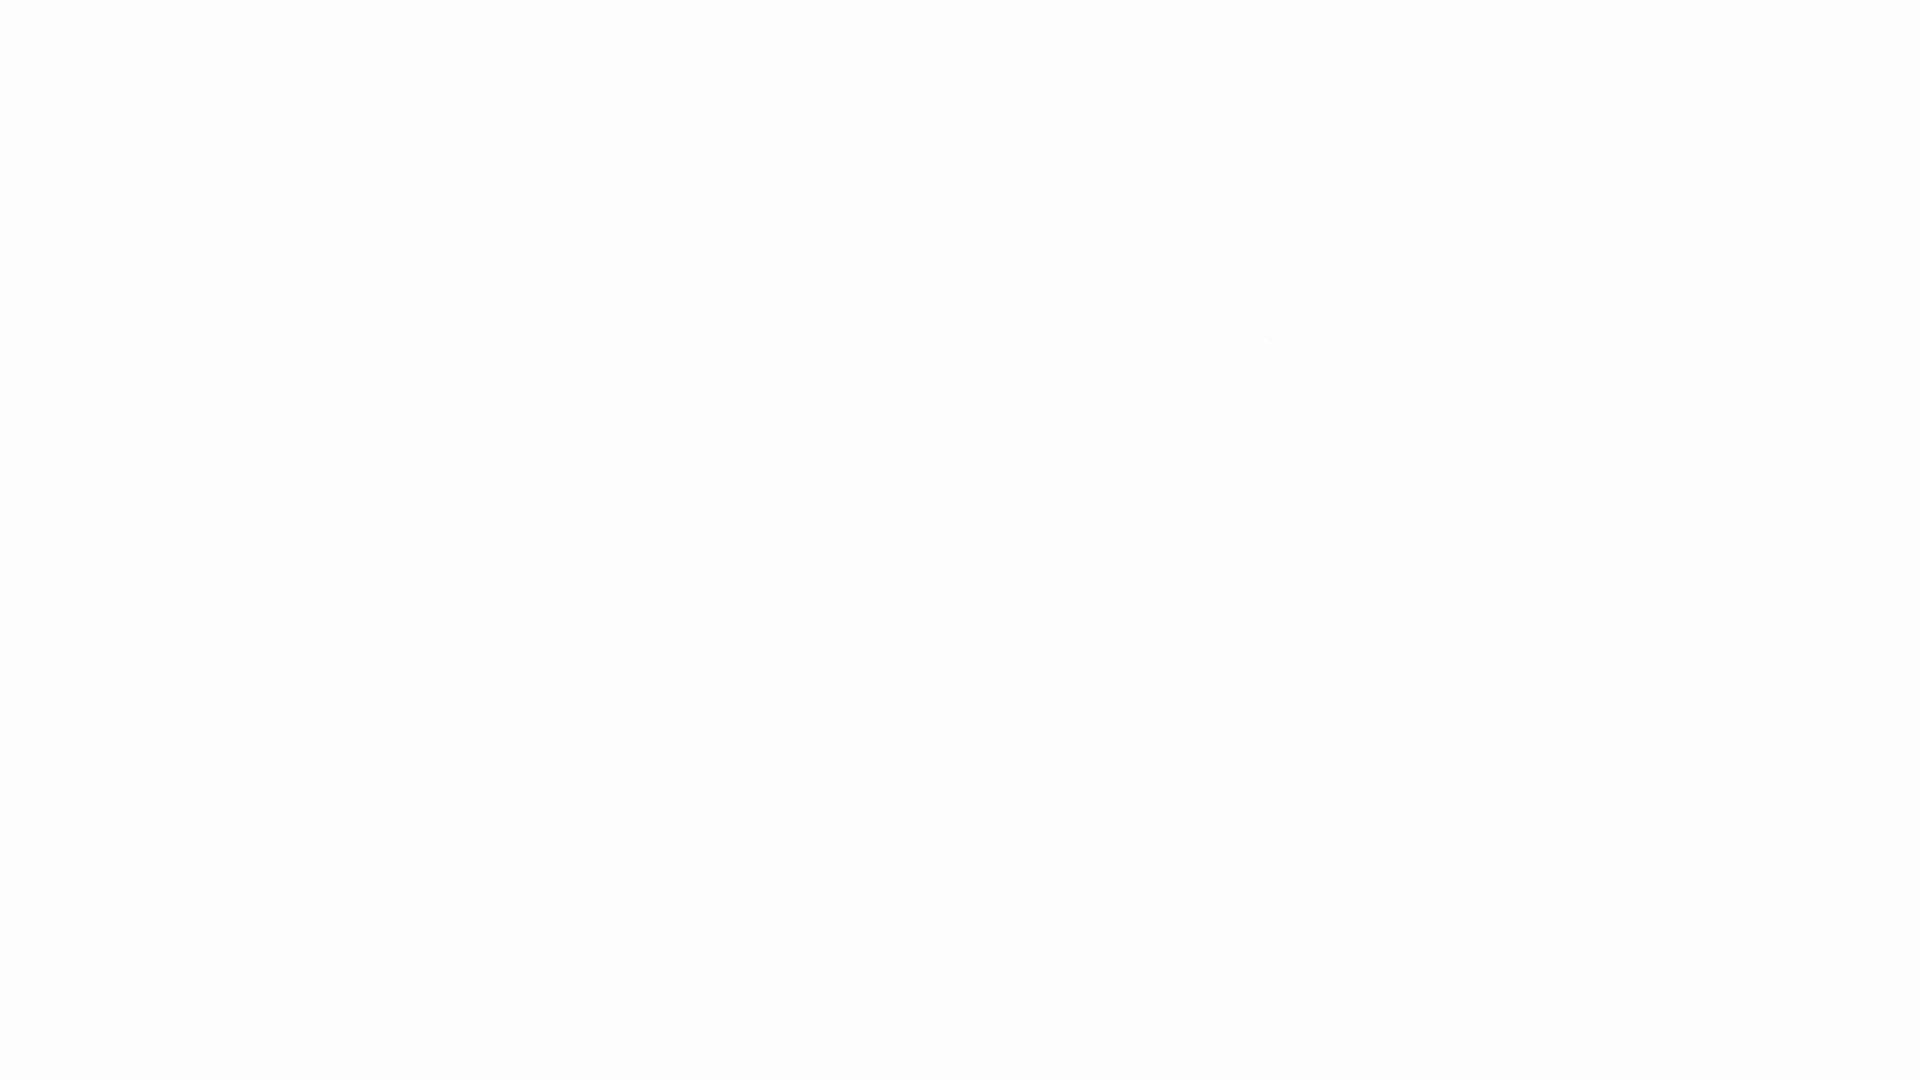 上級者の方専用 vol.03 OLセックス | 0  82画像 53